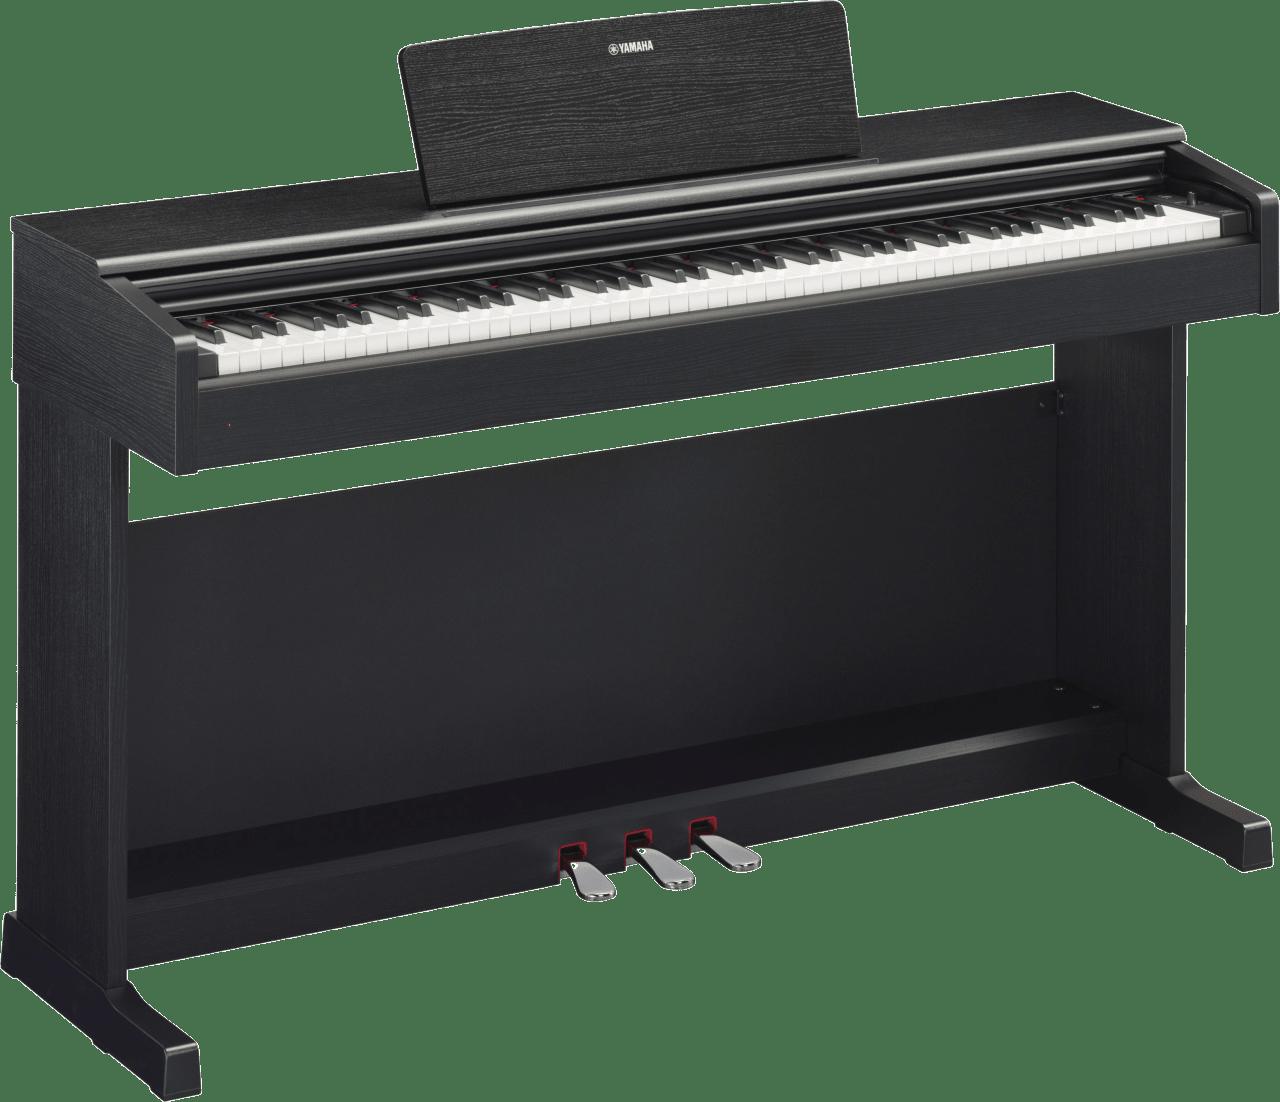 Zwart Yamaha YDP-144 digitale piano met 88 toetsen.1